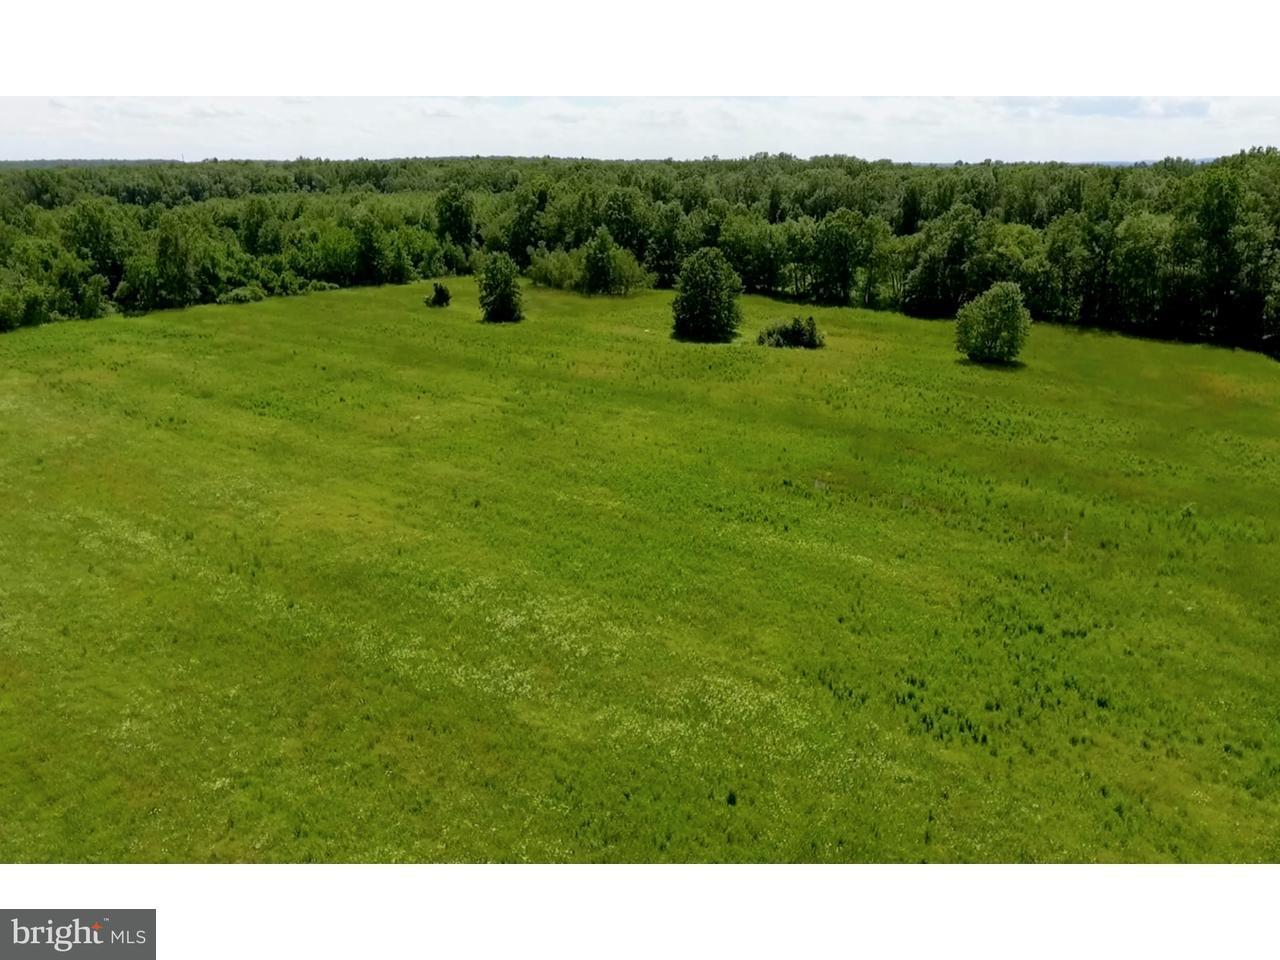 Частный односемейный дом для того Продажа на 268 BARBERTOWN IDELL Road Kingwood, Нью-Джерси 08825 Соединенные ШтатыВ/Около: Kingwood Township